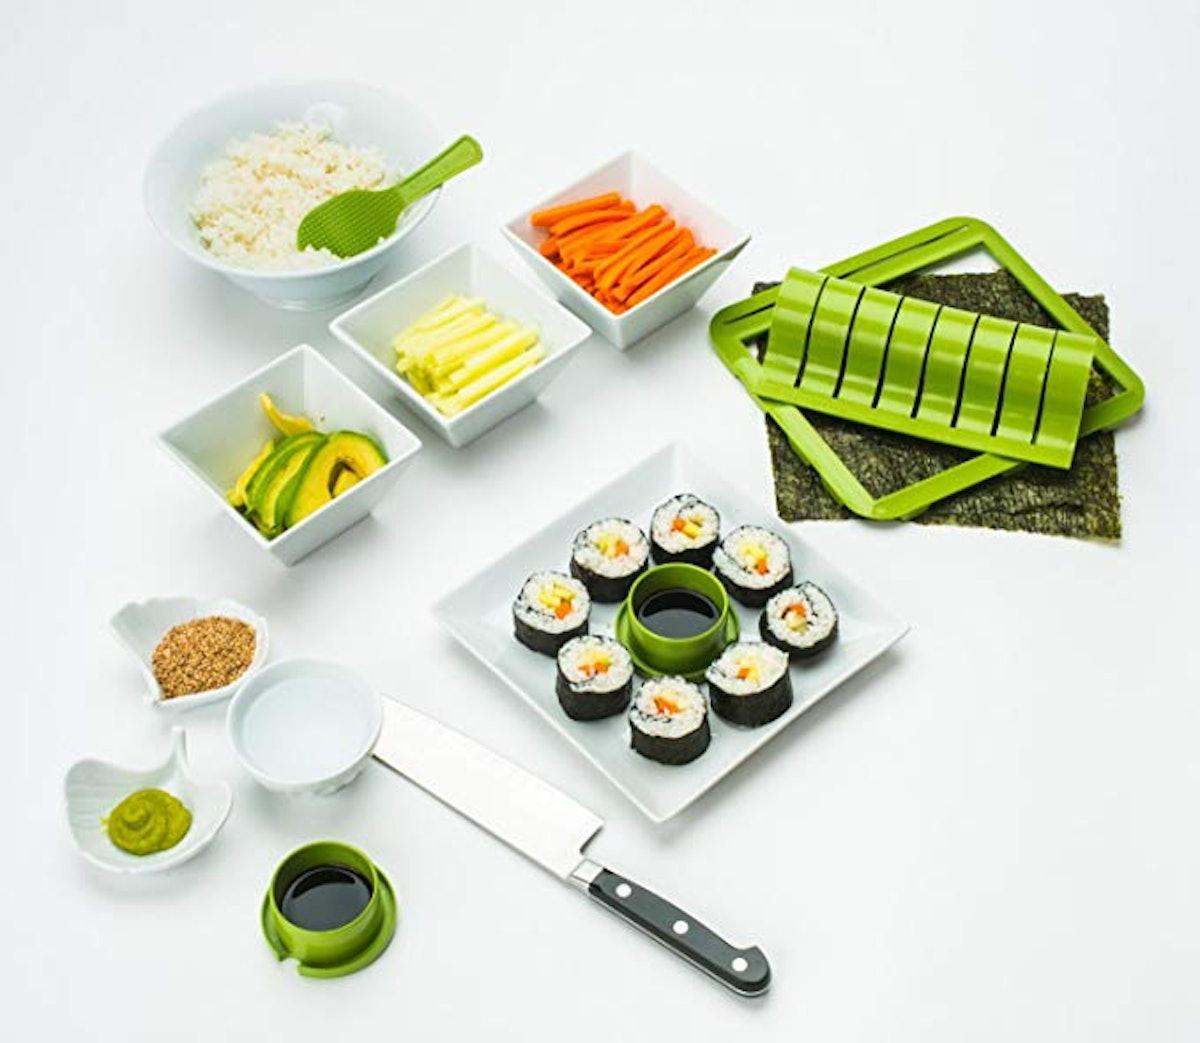 SushiQuik Making Kit